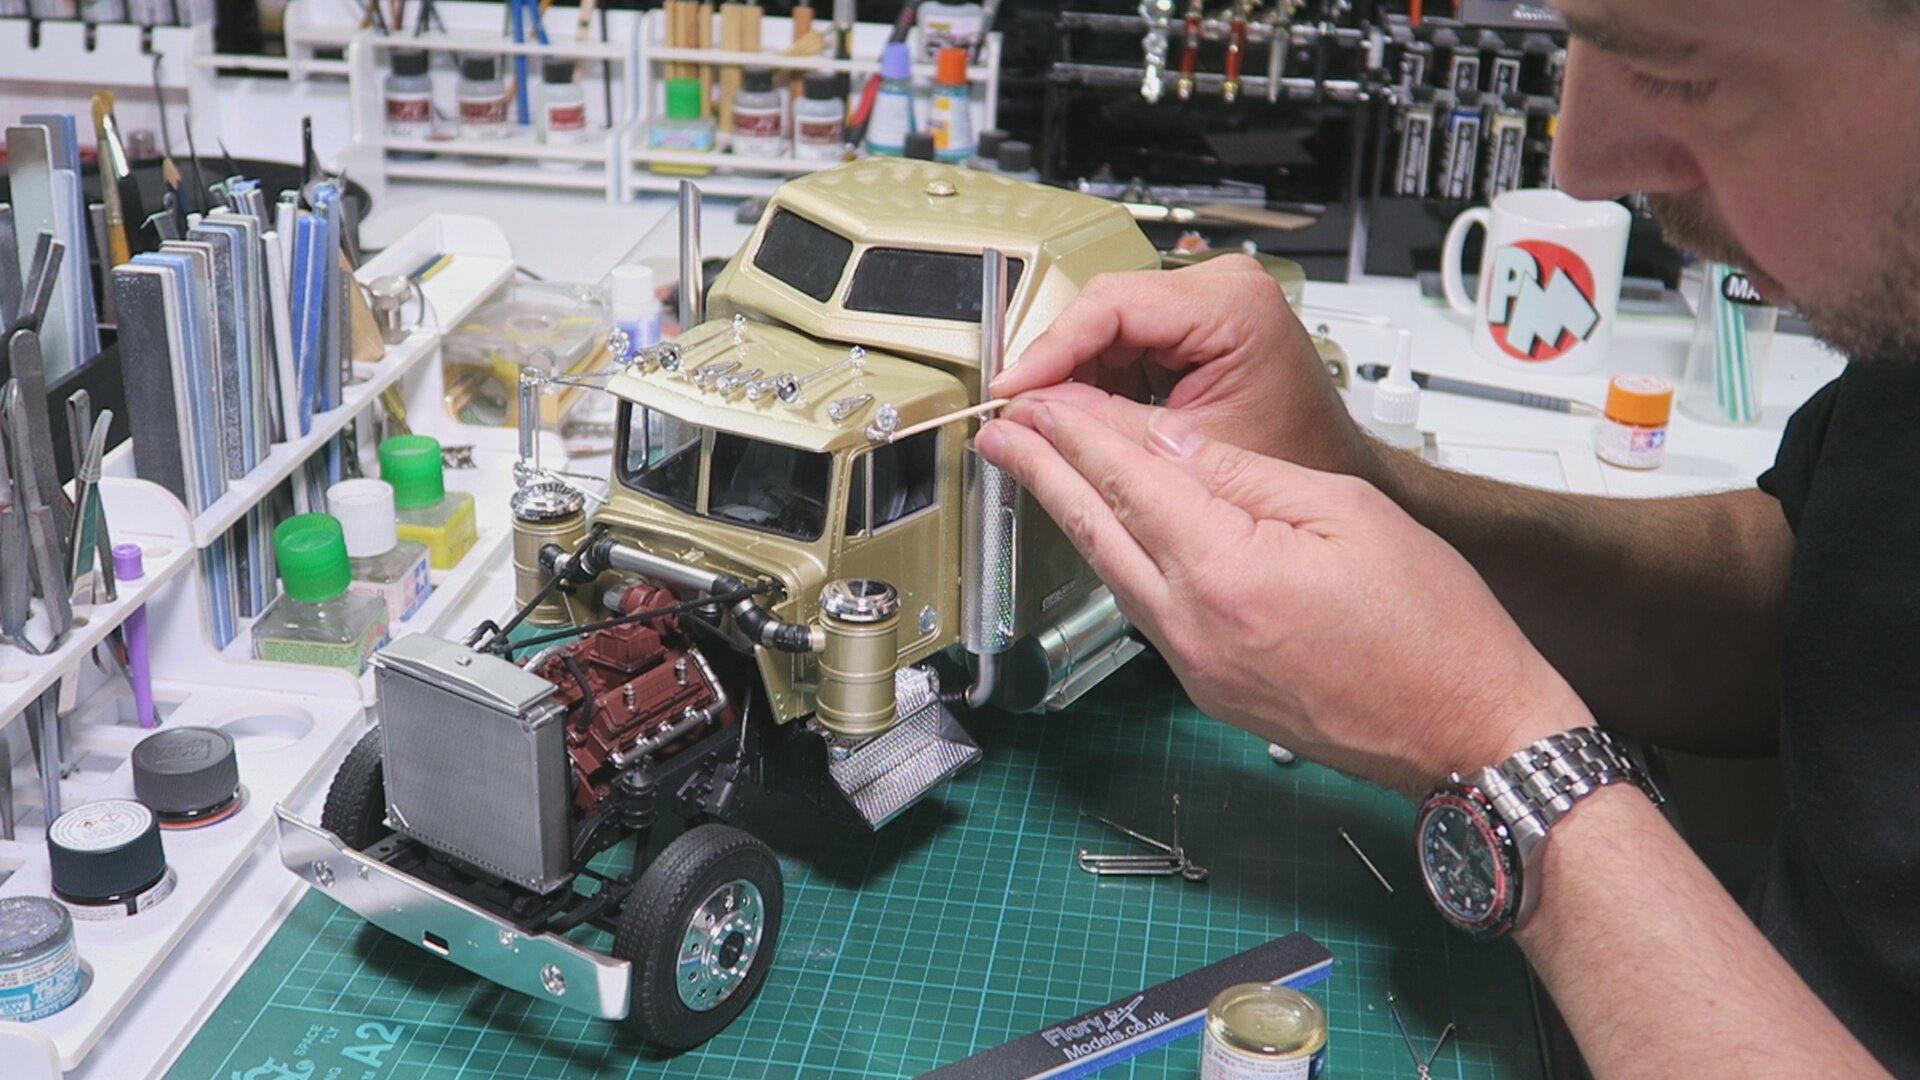 Kenworth Truck Part6  Pic 6.jpg